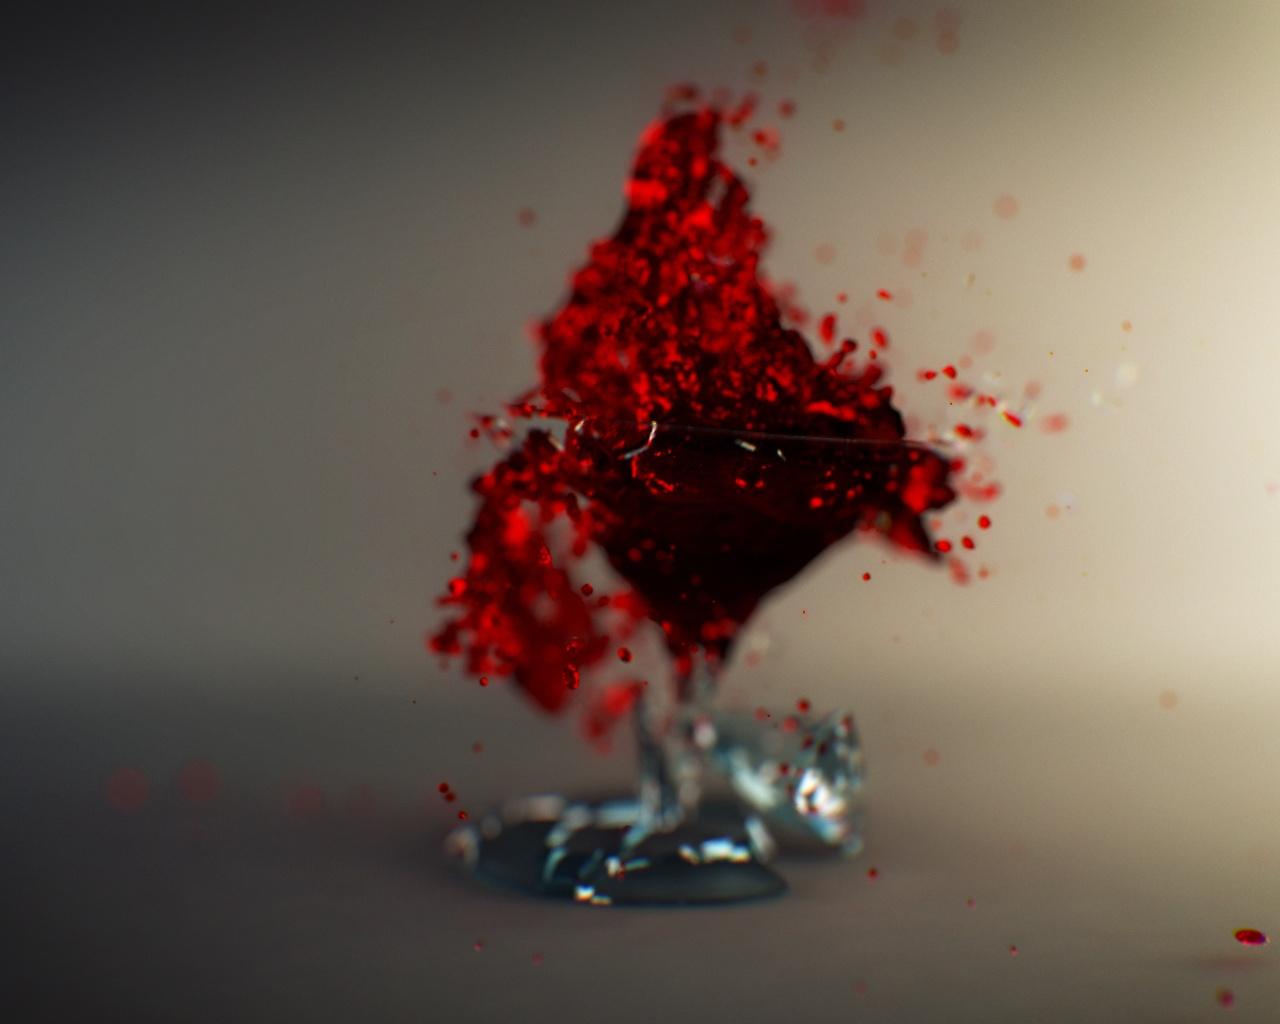 Creative Wallpaper, Broken Glass, Red Wine Splash ...